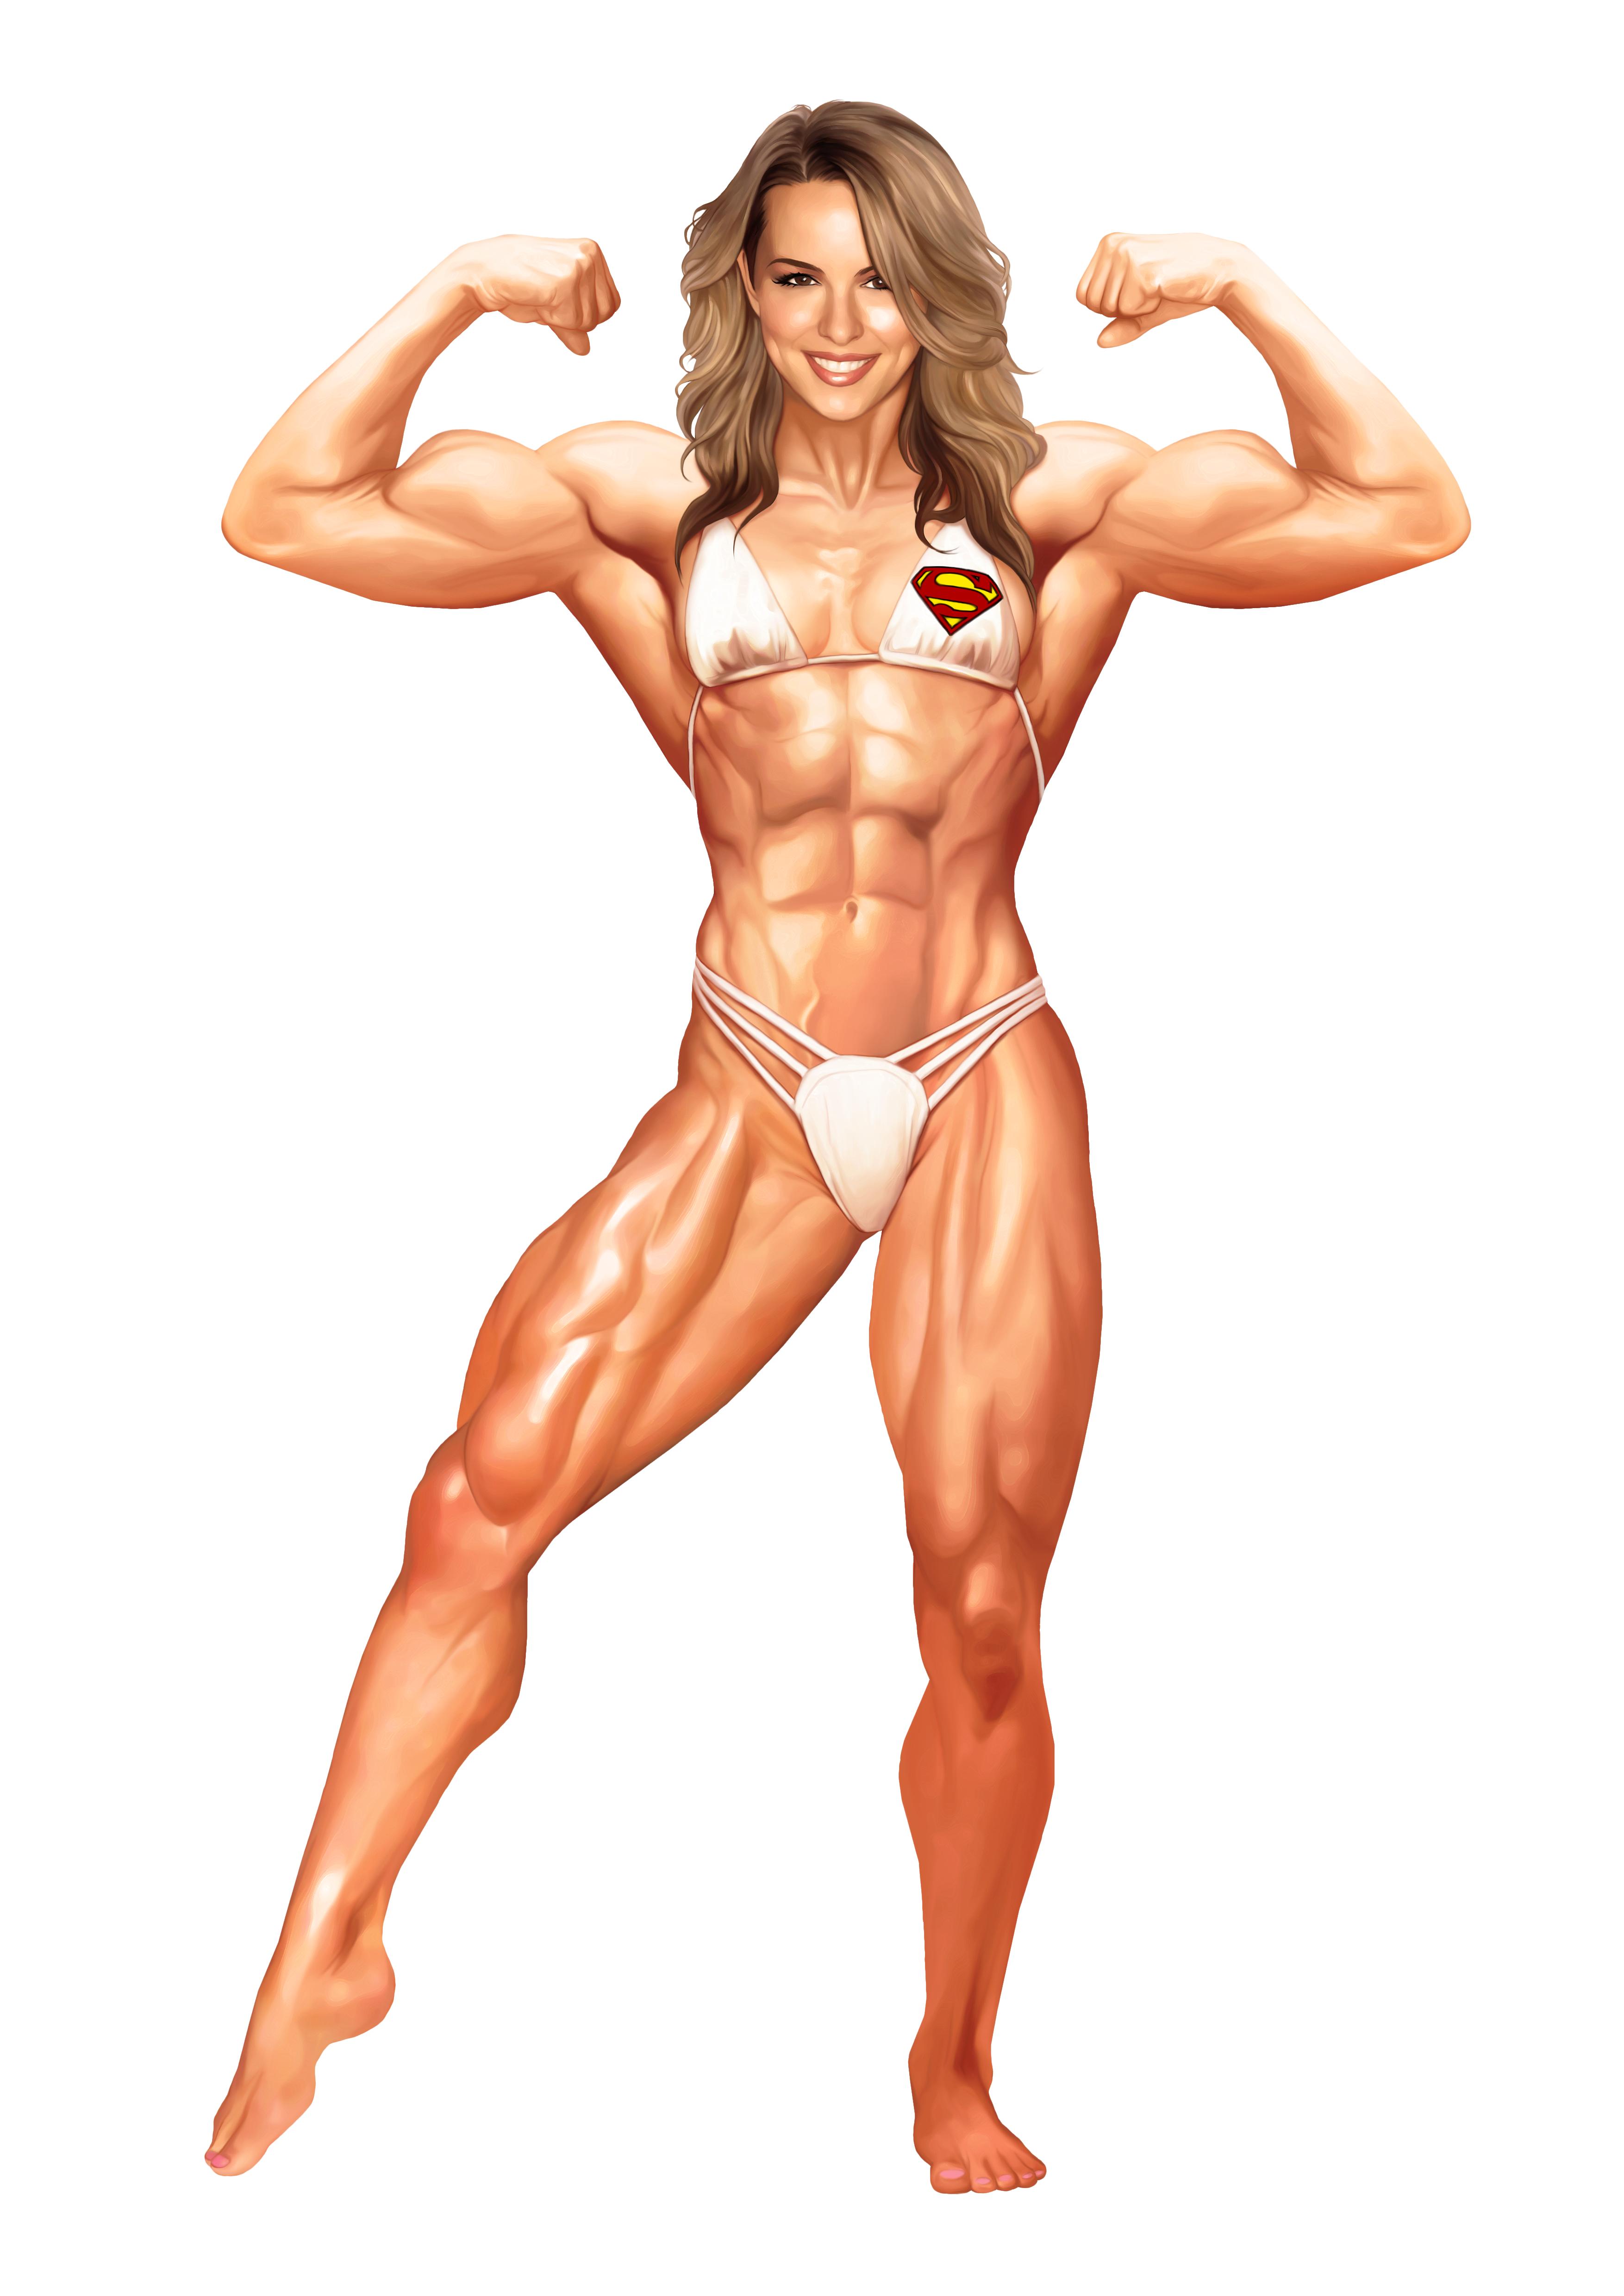 конец меня рисованная мускулистая женщина черт возьми, они